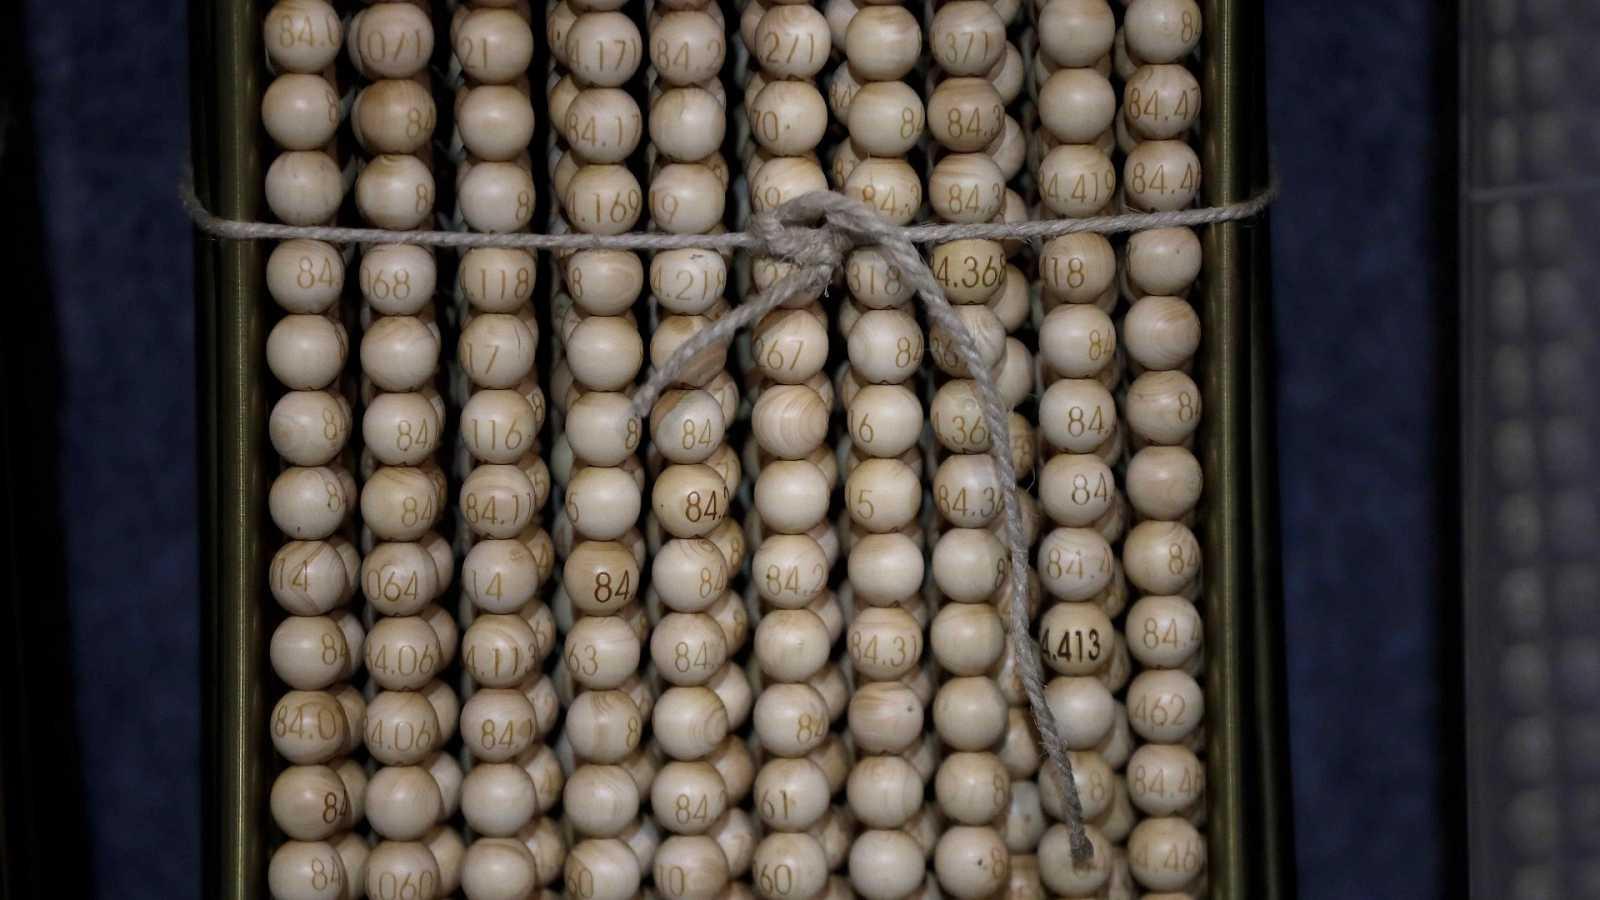 Las bolas del Sorteo de la Lotería de Navidad, siempre perfectas